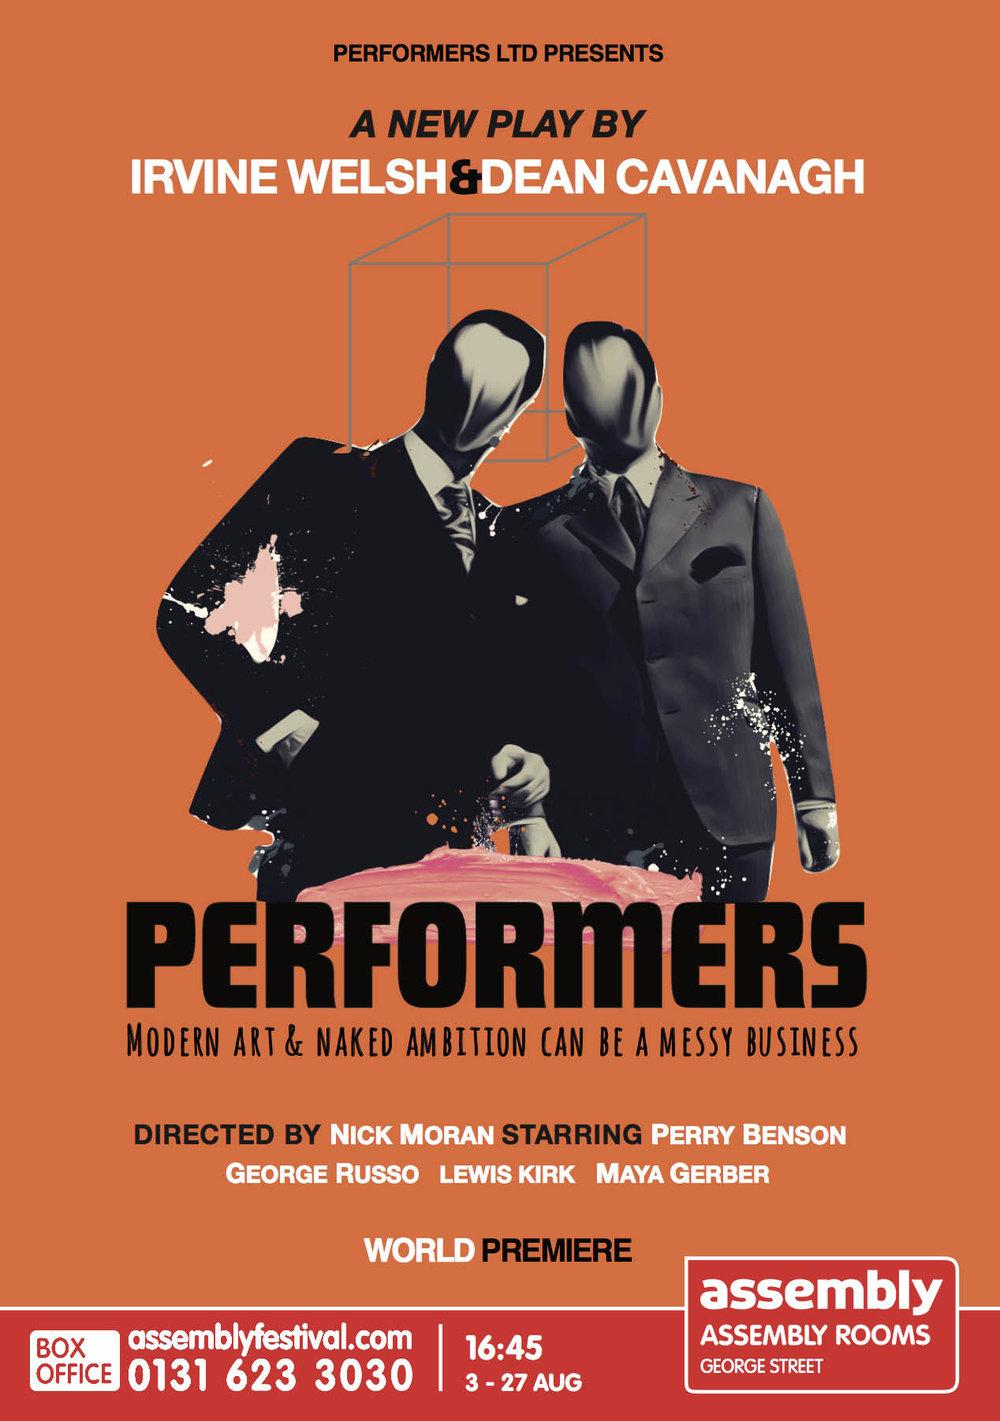 A5_Performers01.jpg